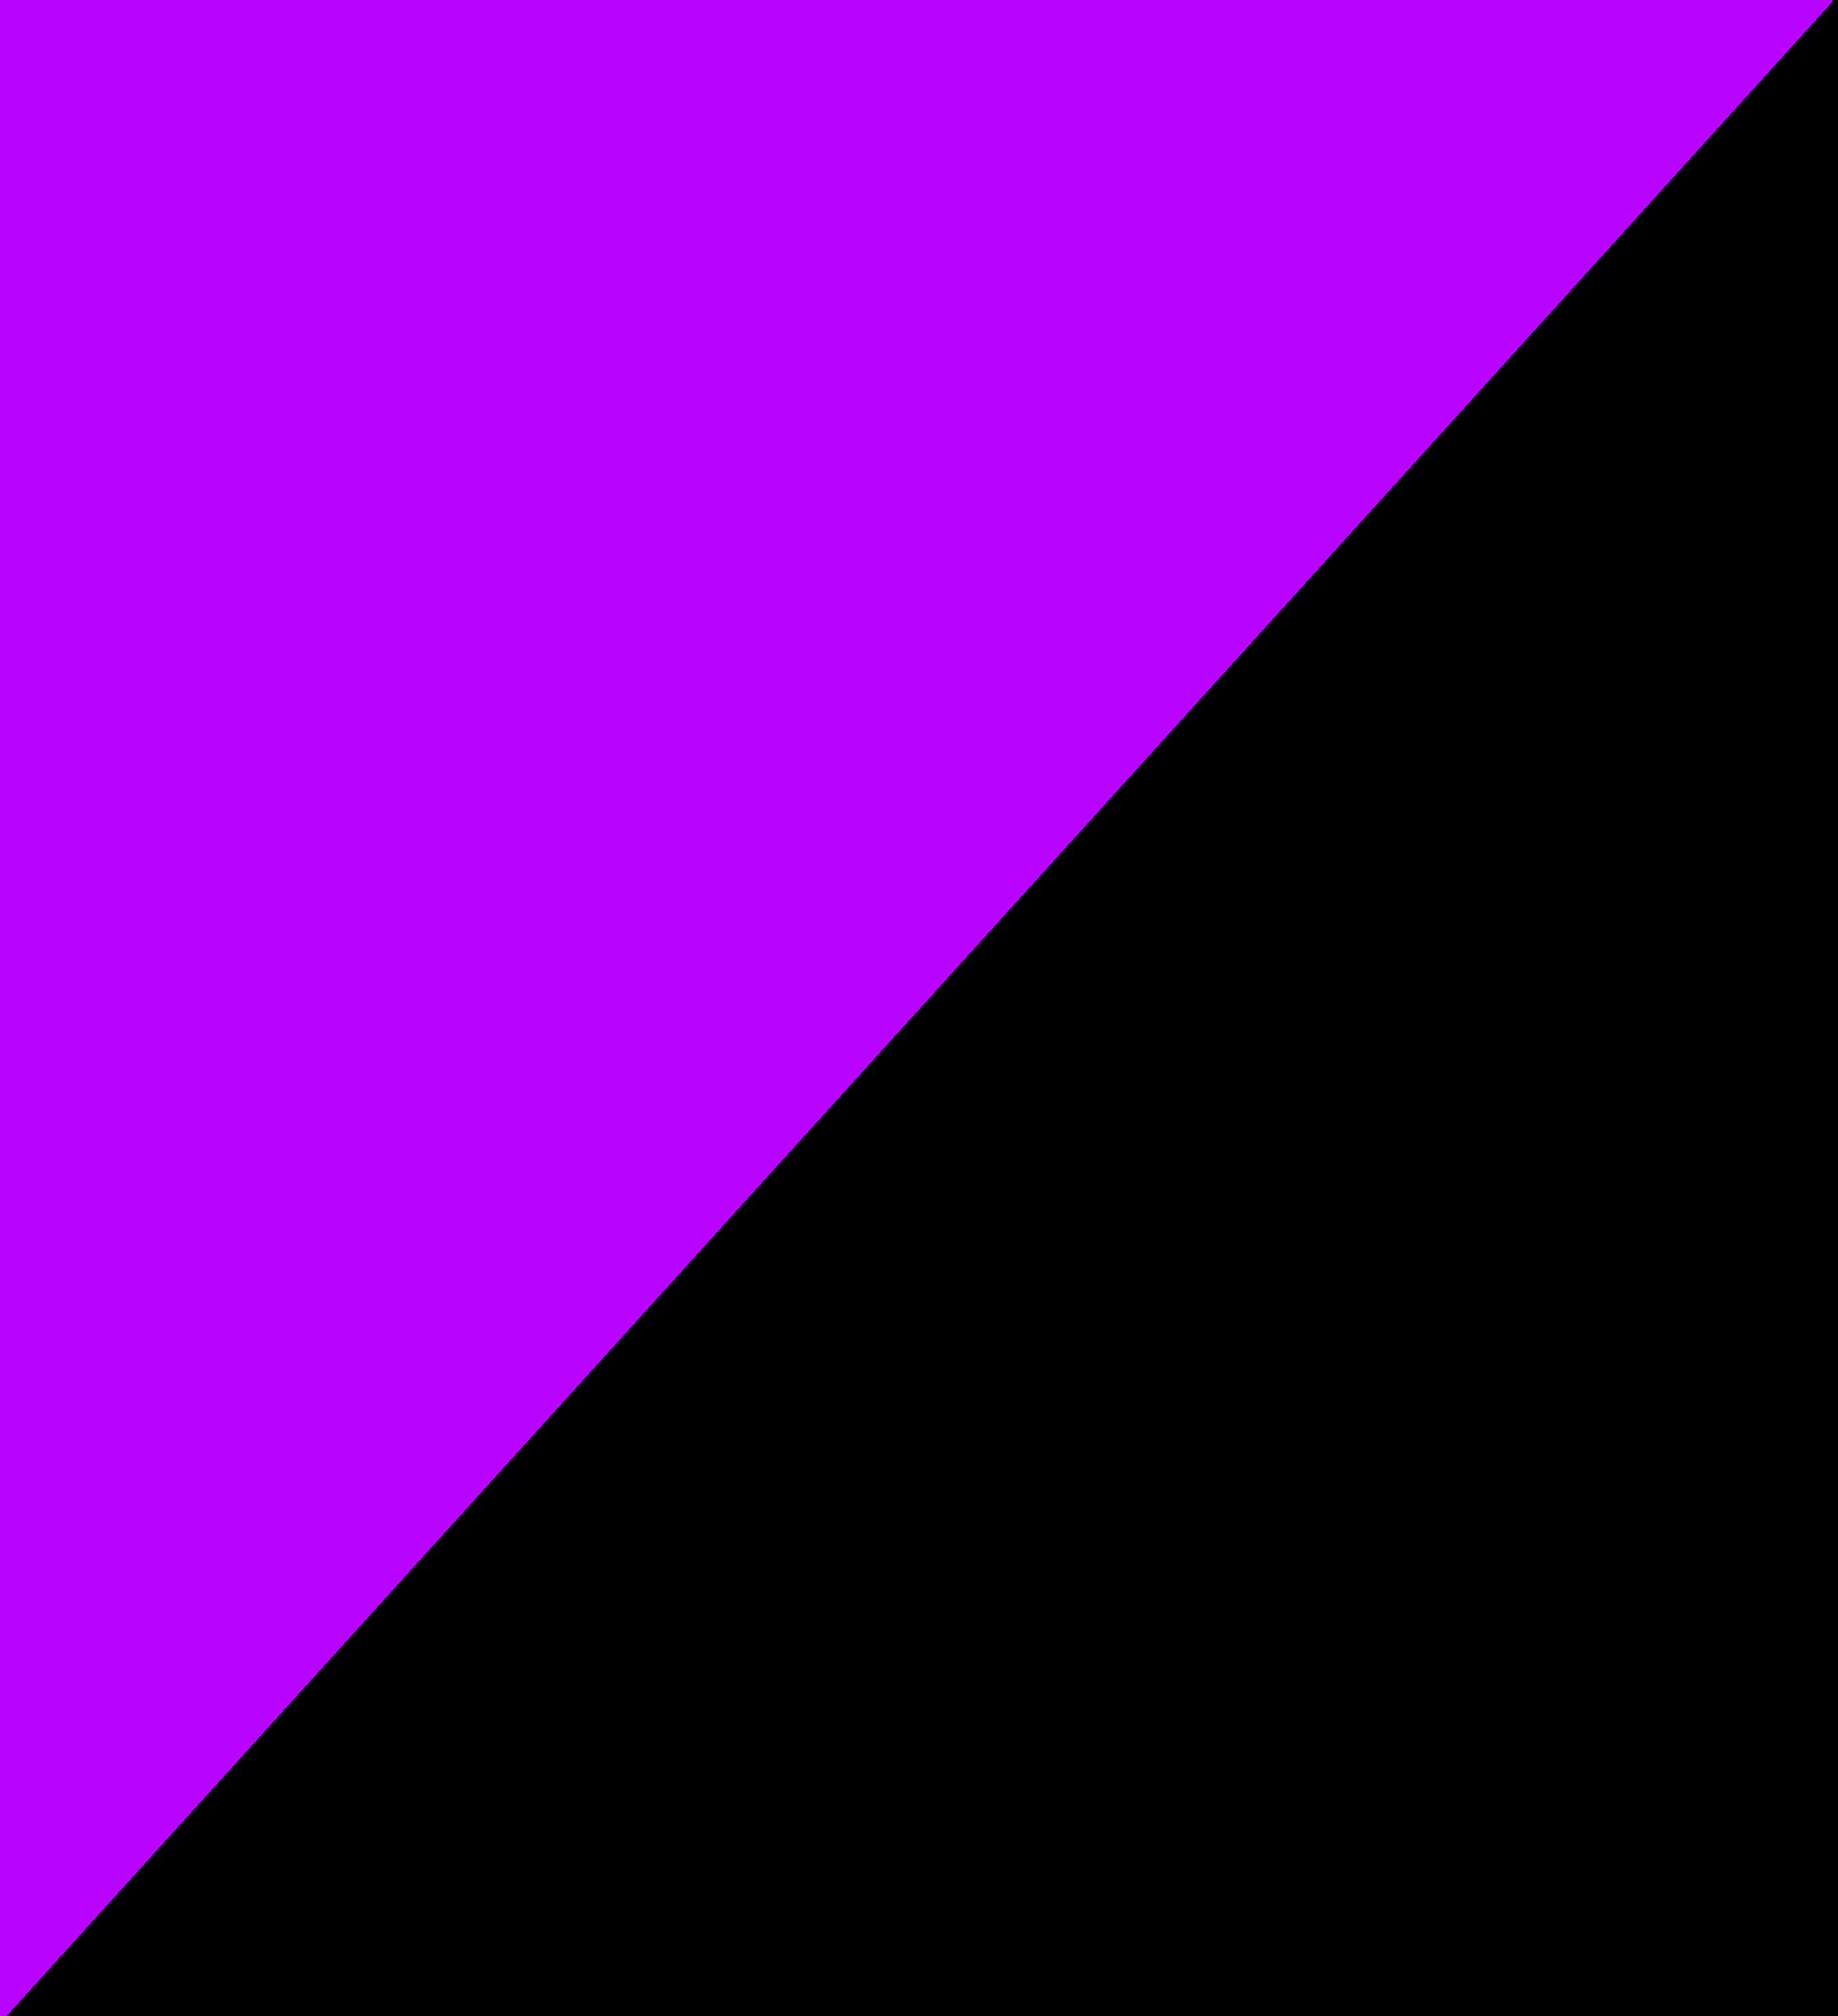 Fioletowo/czarny